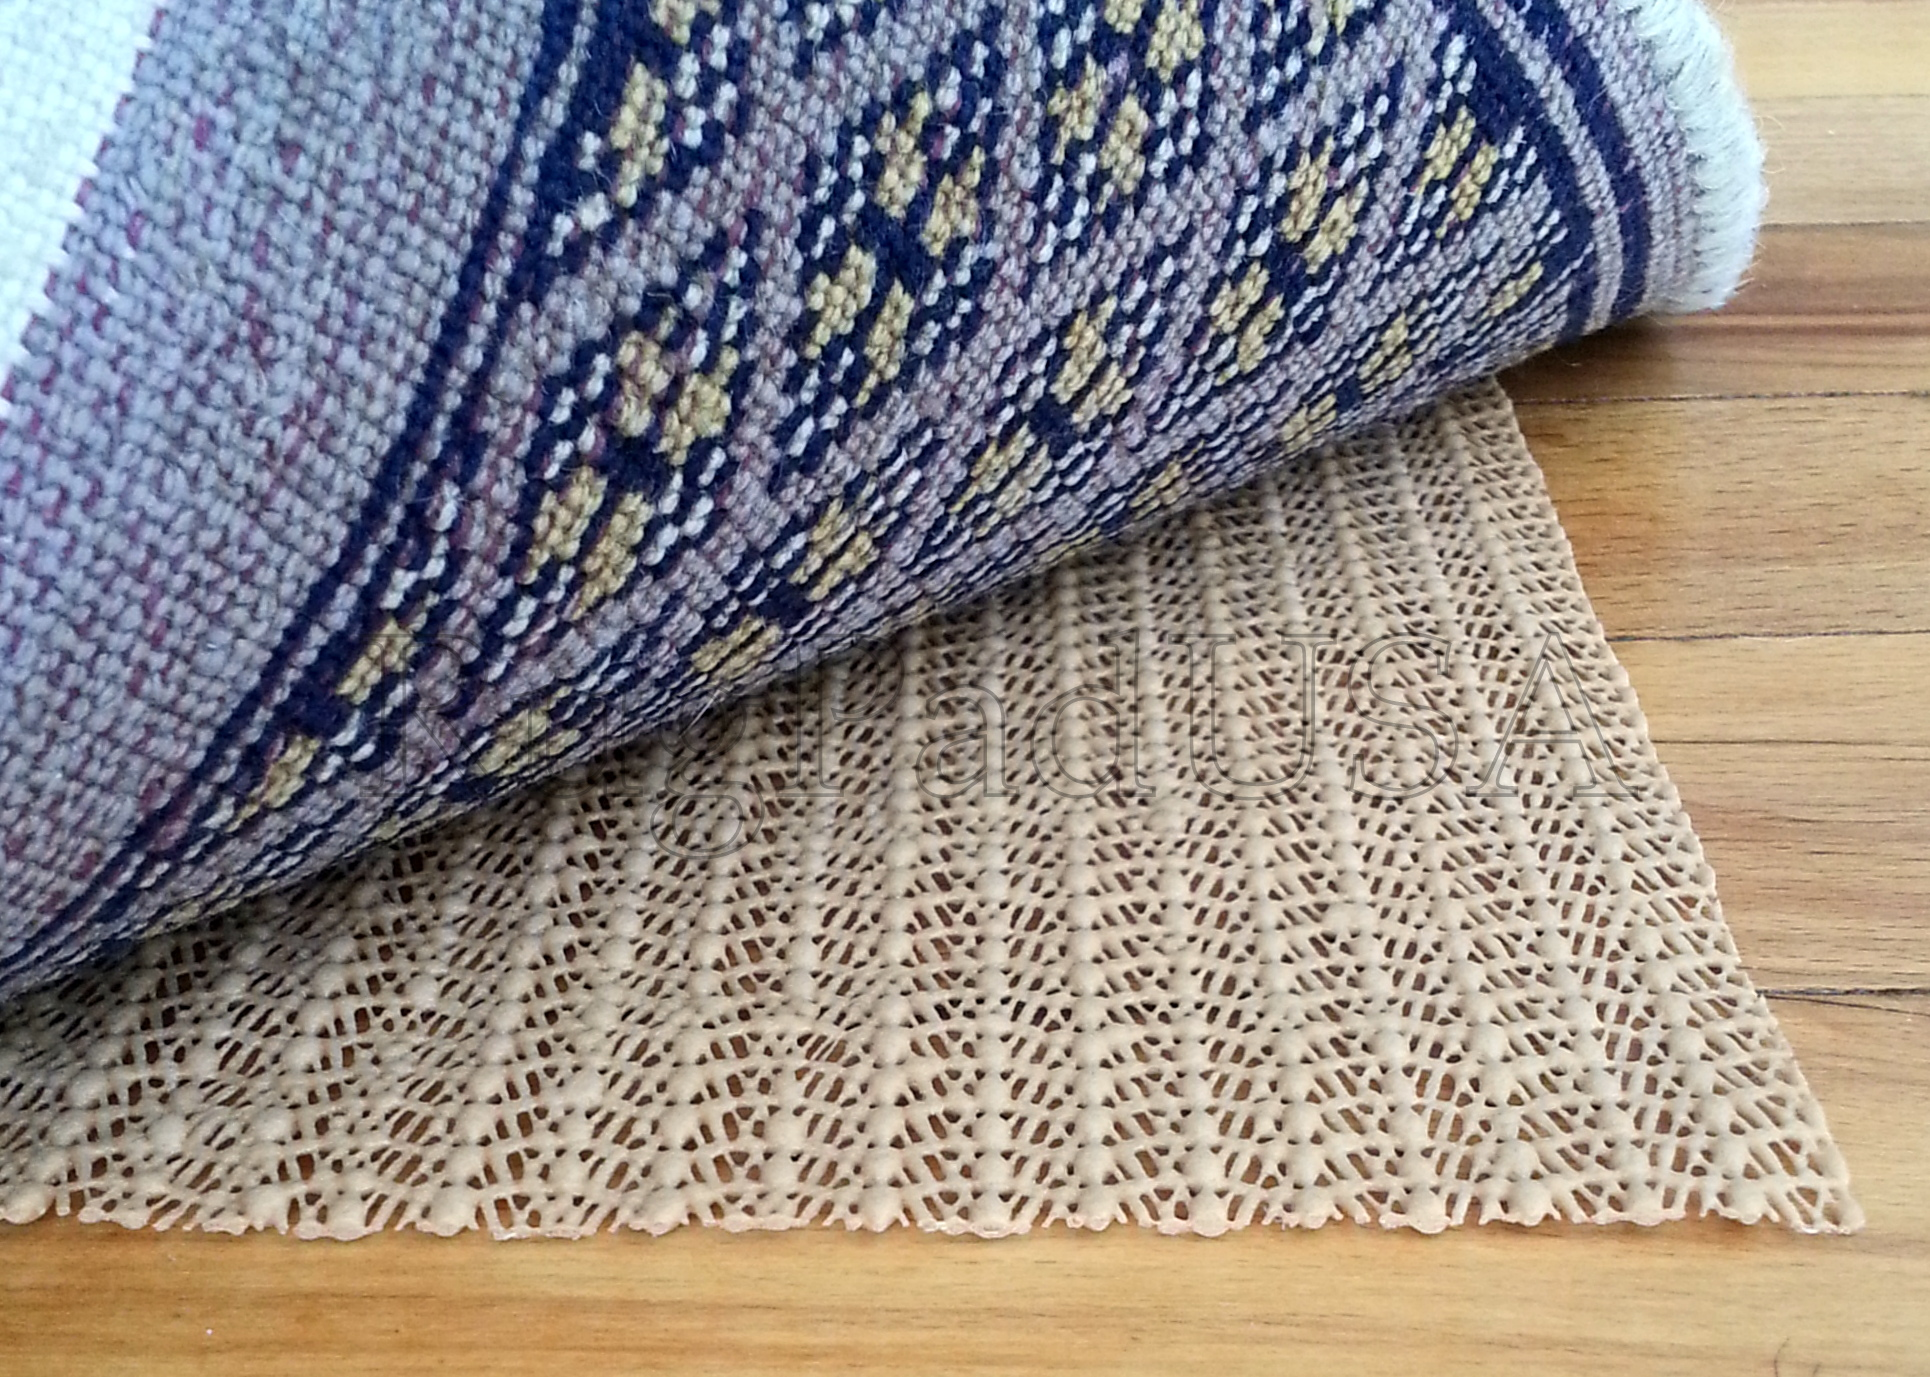 Best Rug Pad For Hardwood Floors wonderful white best rug pad for hardwood floor with mounted texture style and patterned area rug Pad Rug Floor Wood Pad Rug